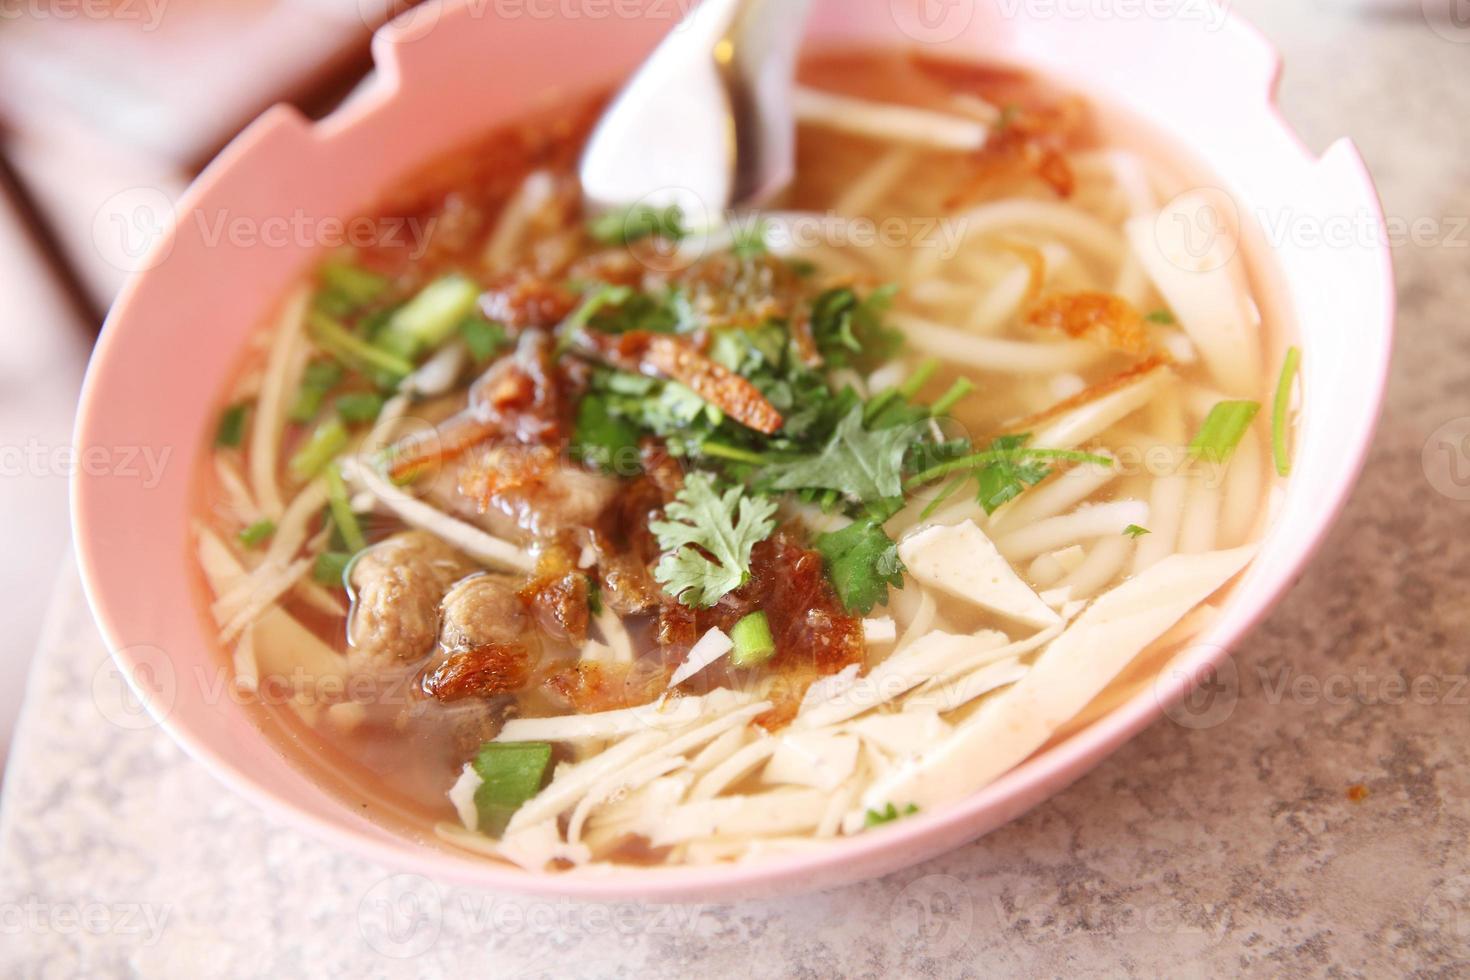 vietnamesische Nudel foto